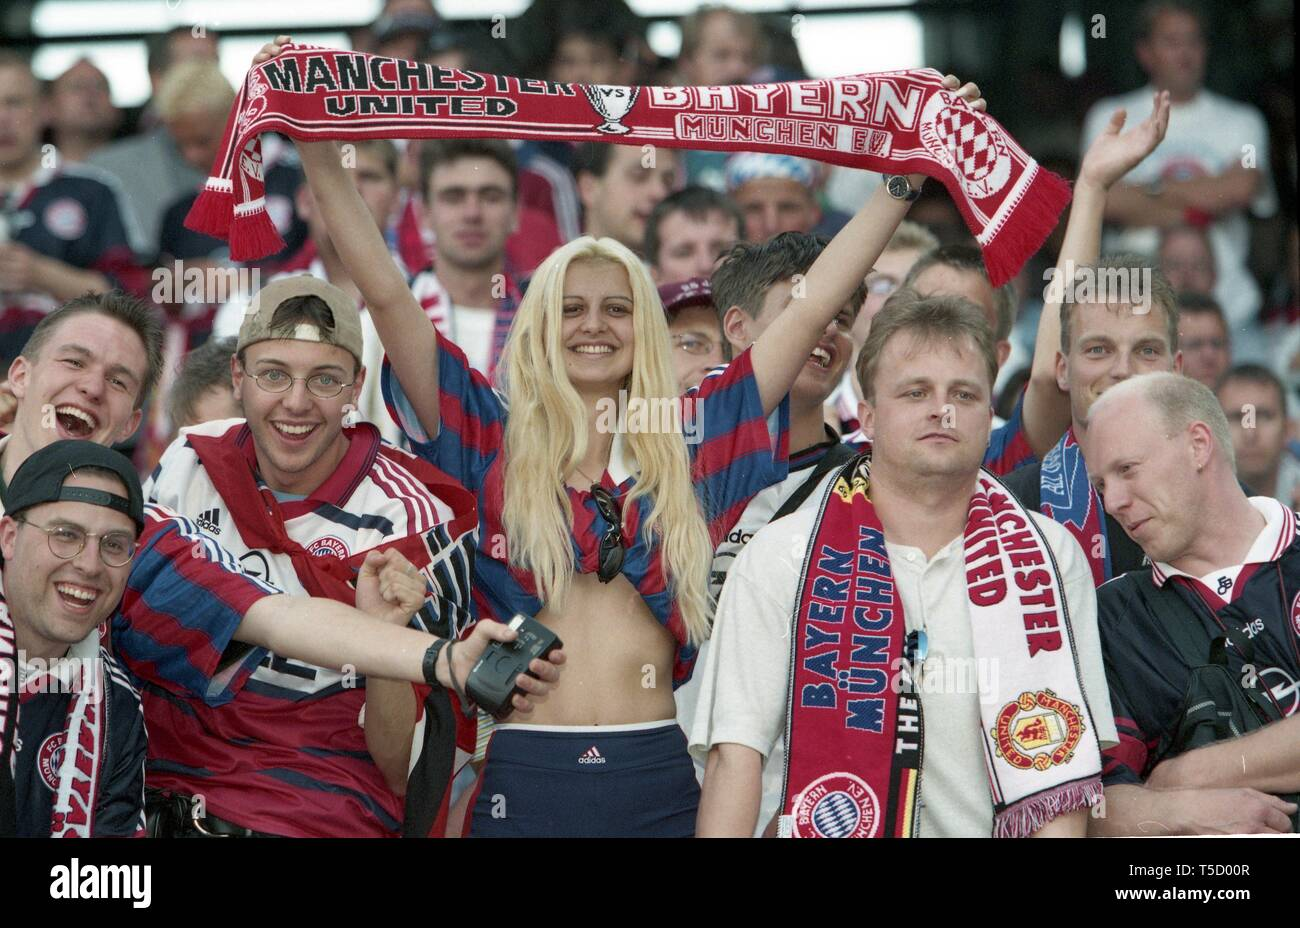 Barcelona, Spanien. 18th Apr, 2019. firo: 26.05.1999 Football, 1998/1999 Champions League: Final Manchester United - Bayern Munich, Munich, Munich 2: 1 fans, Bayern | usage worldwide Credit: dpa/Alamy Live News - Stock Image